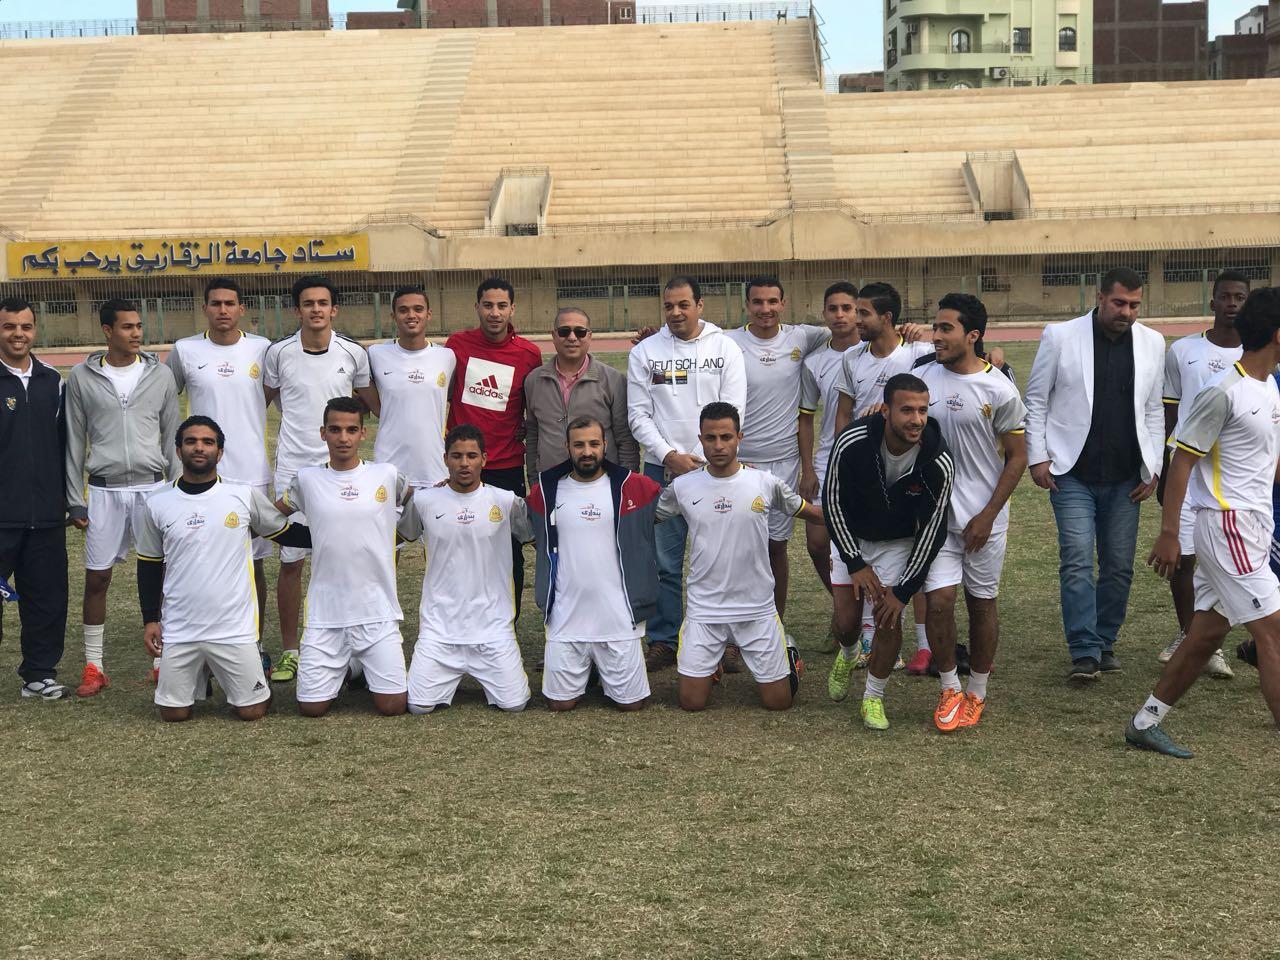 فريق كرة القدم الفائز بالمركز الأول فى دورى الجامعة